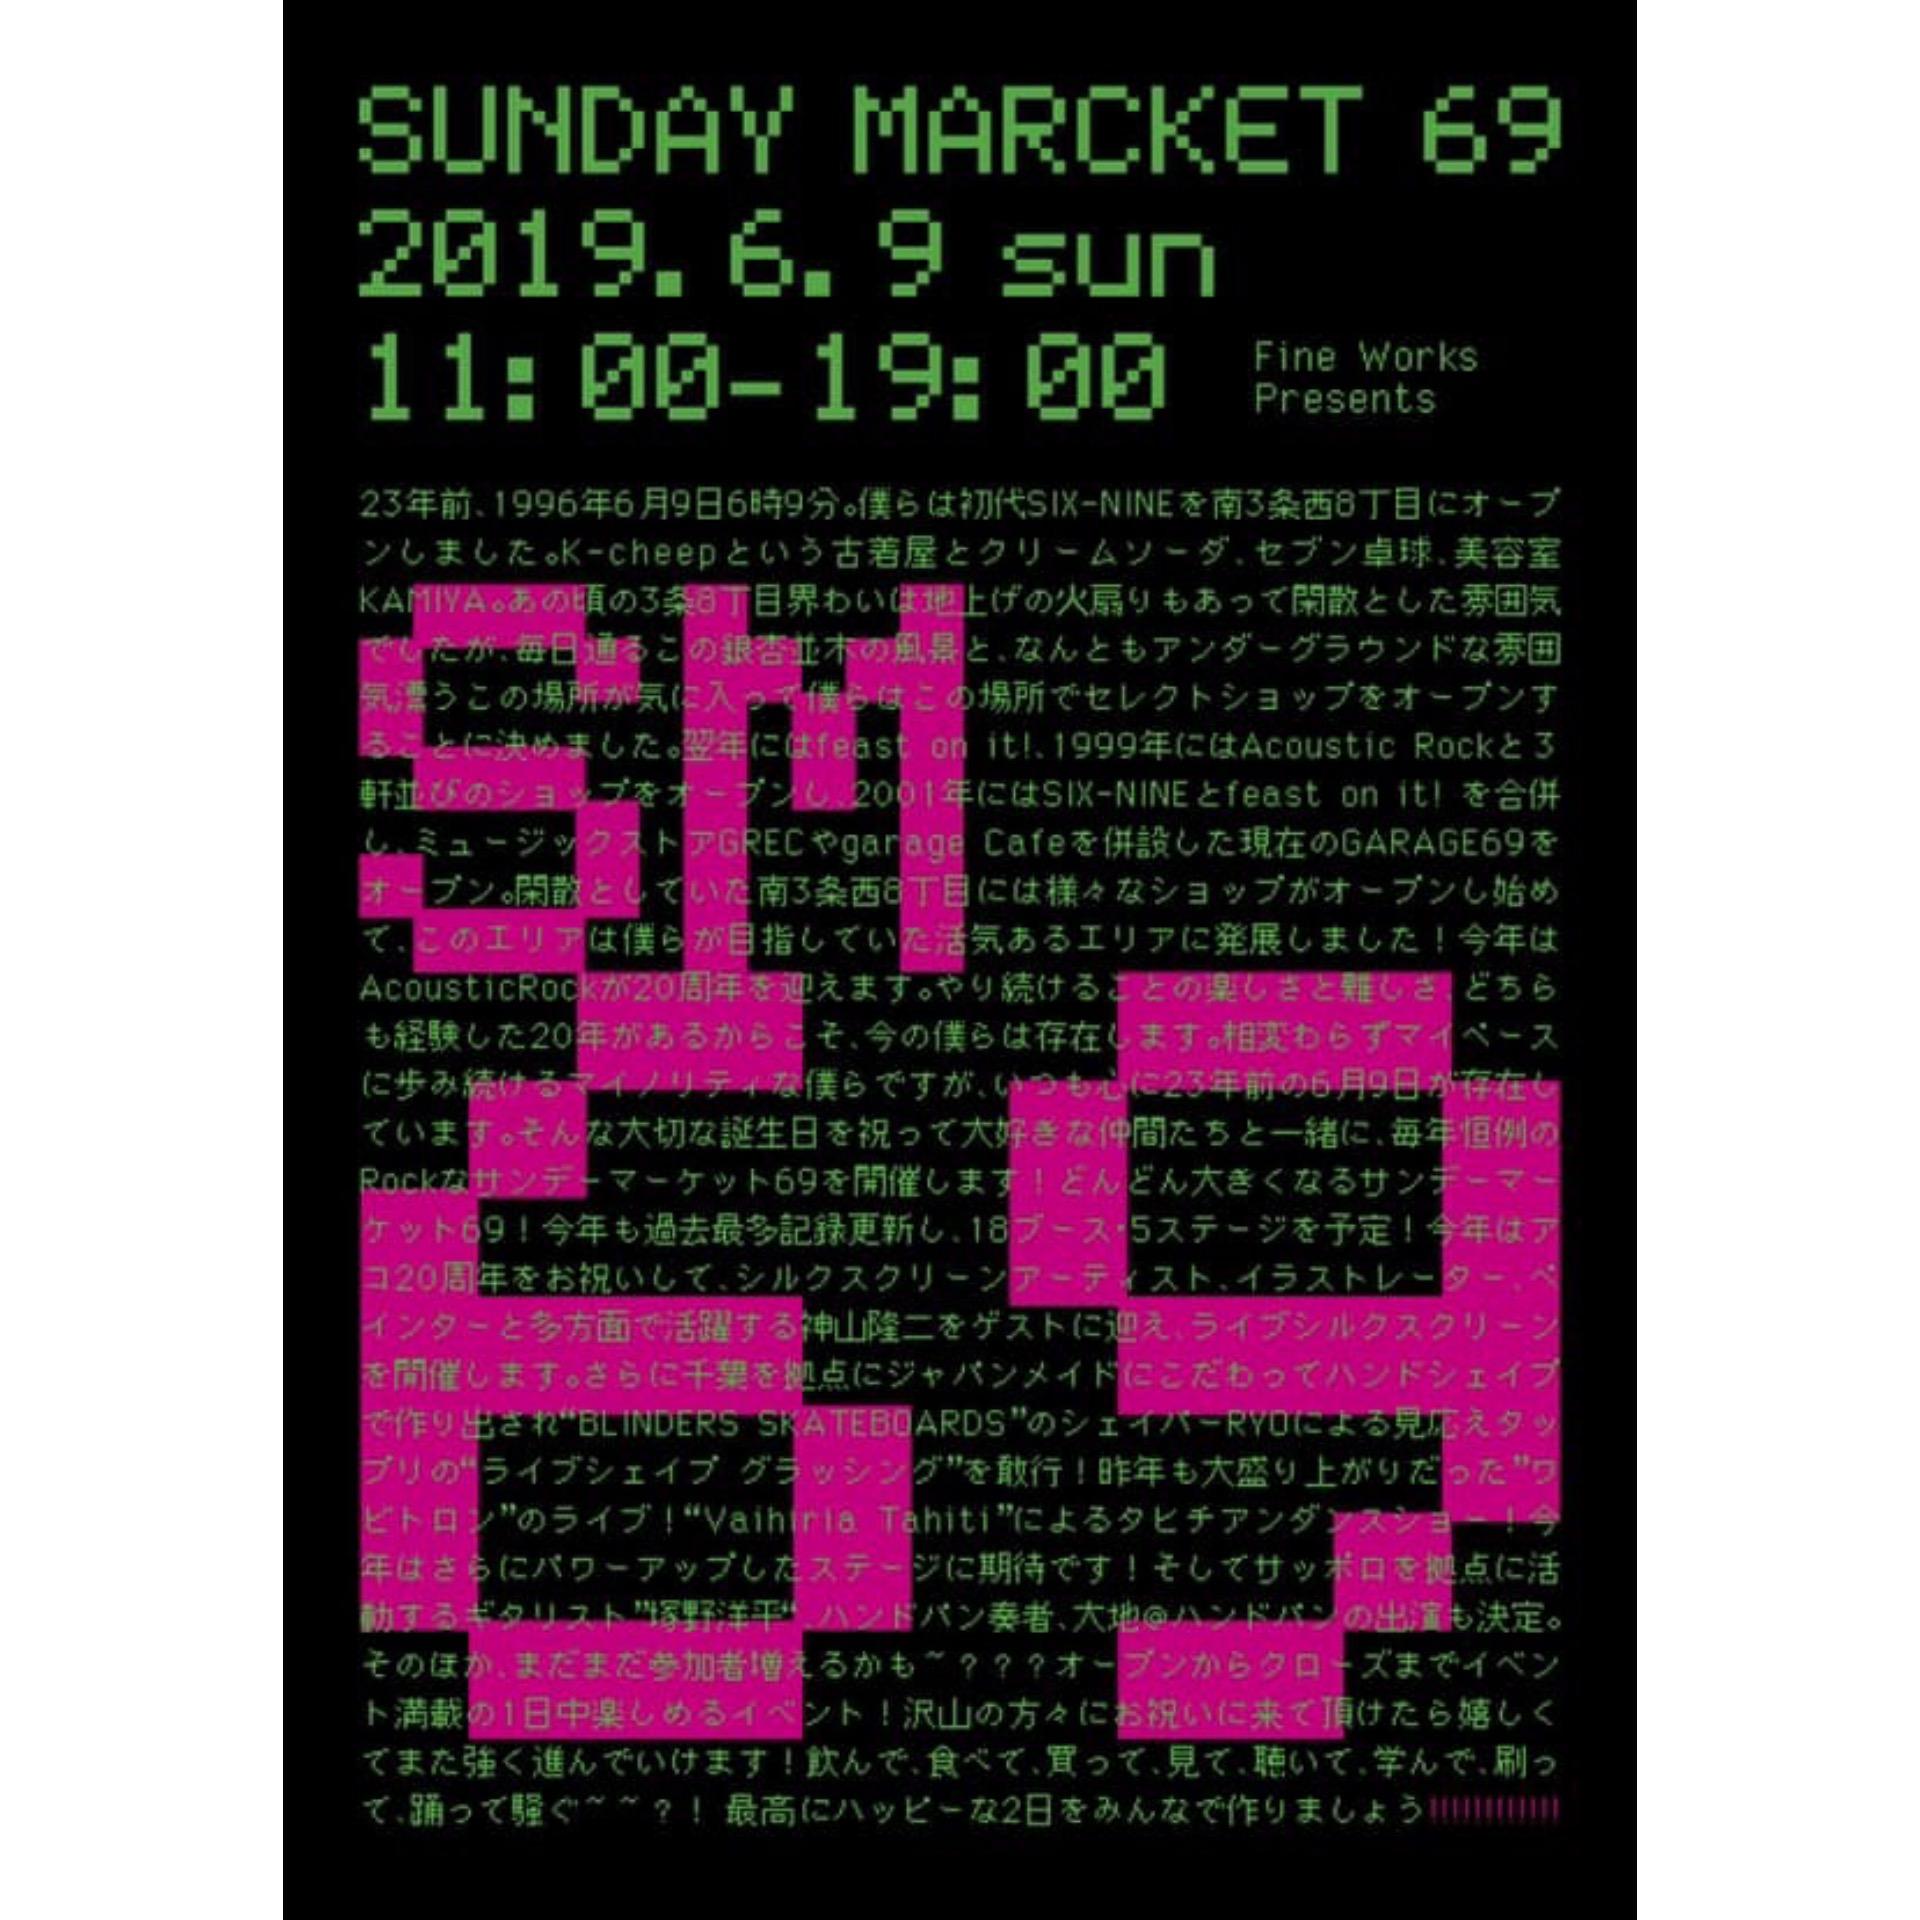 サンデーマーケット69